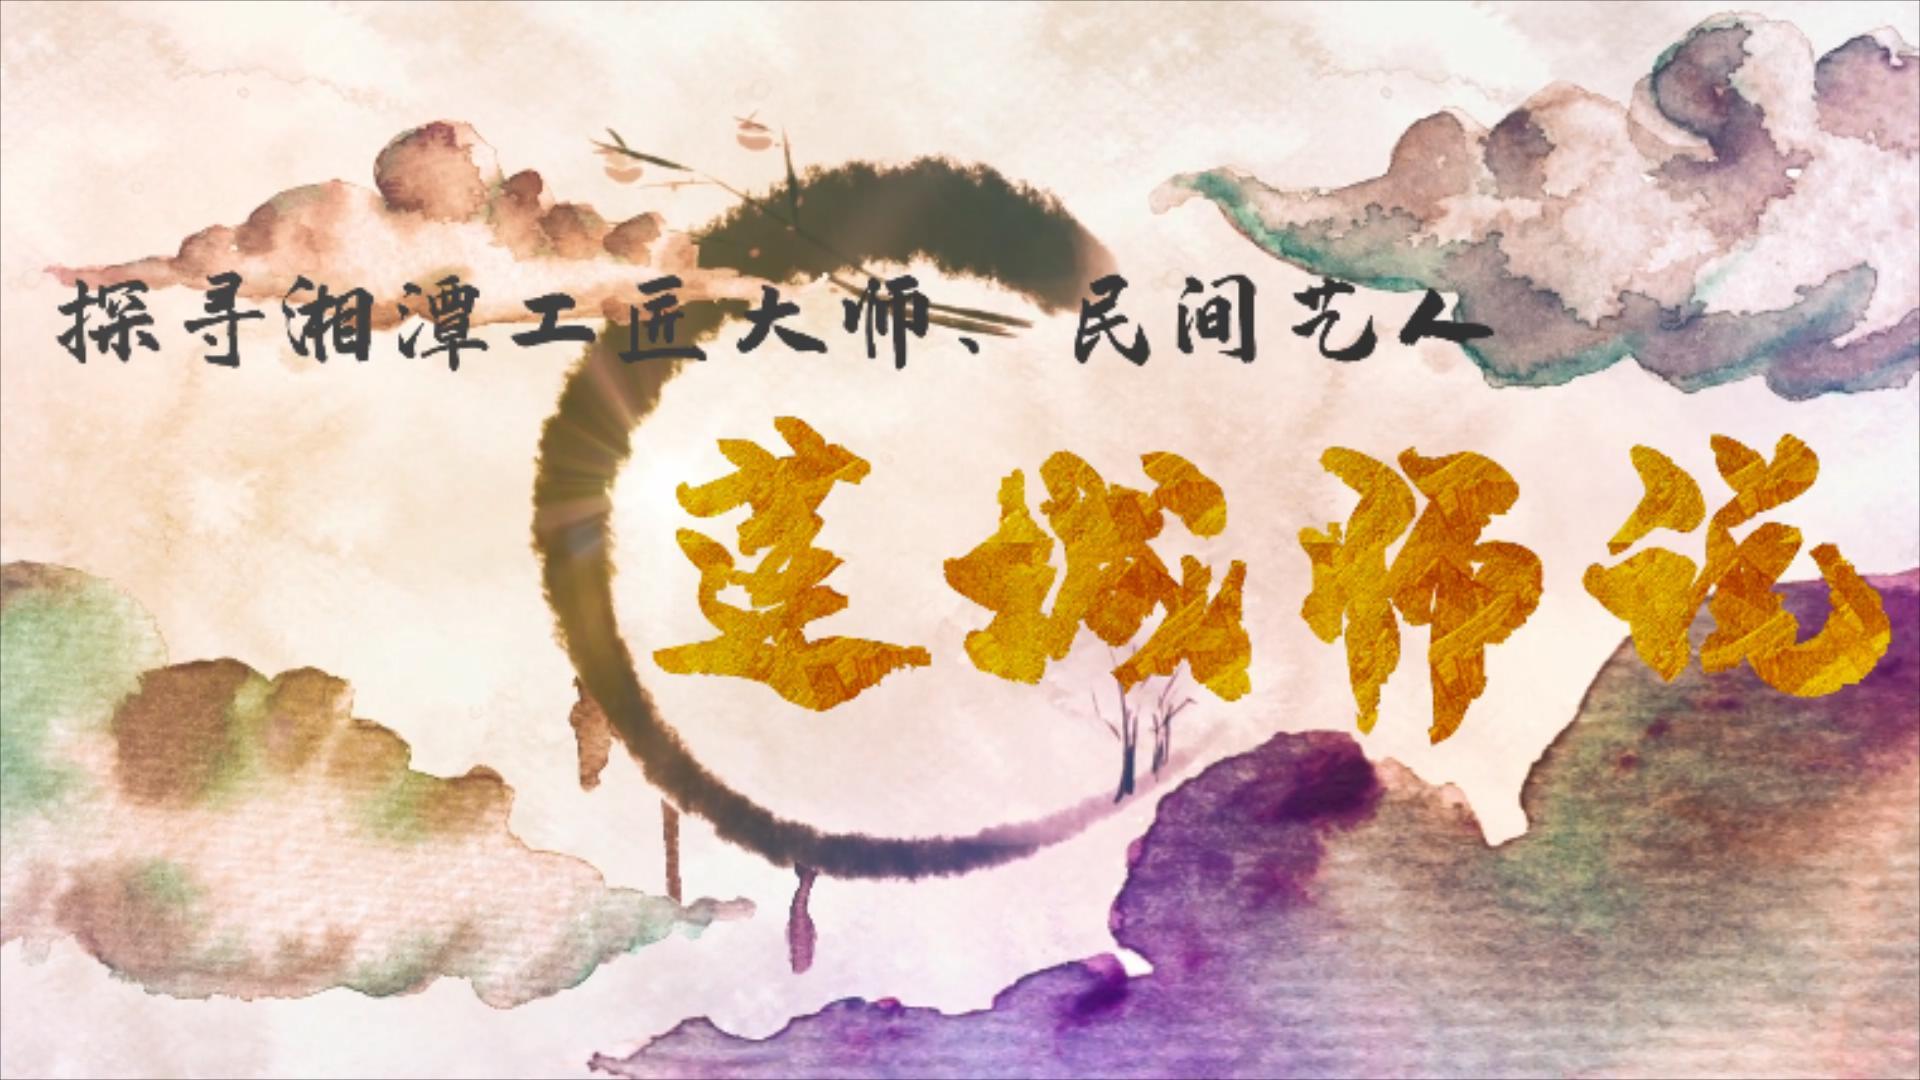 专题丨莲城师说——探寻湘潭工匠大师和民间艺术家